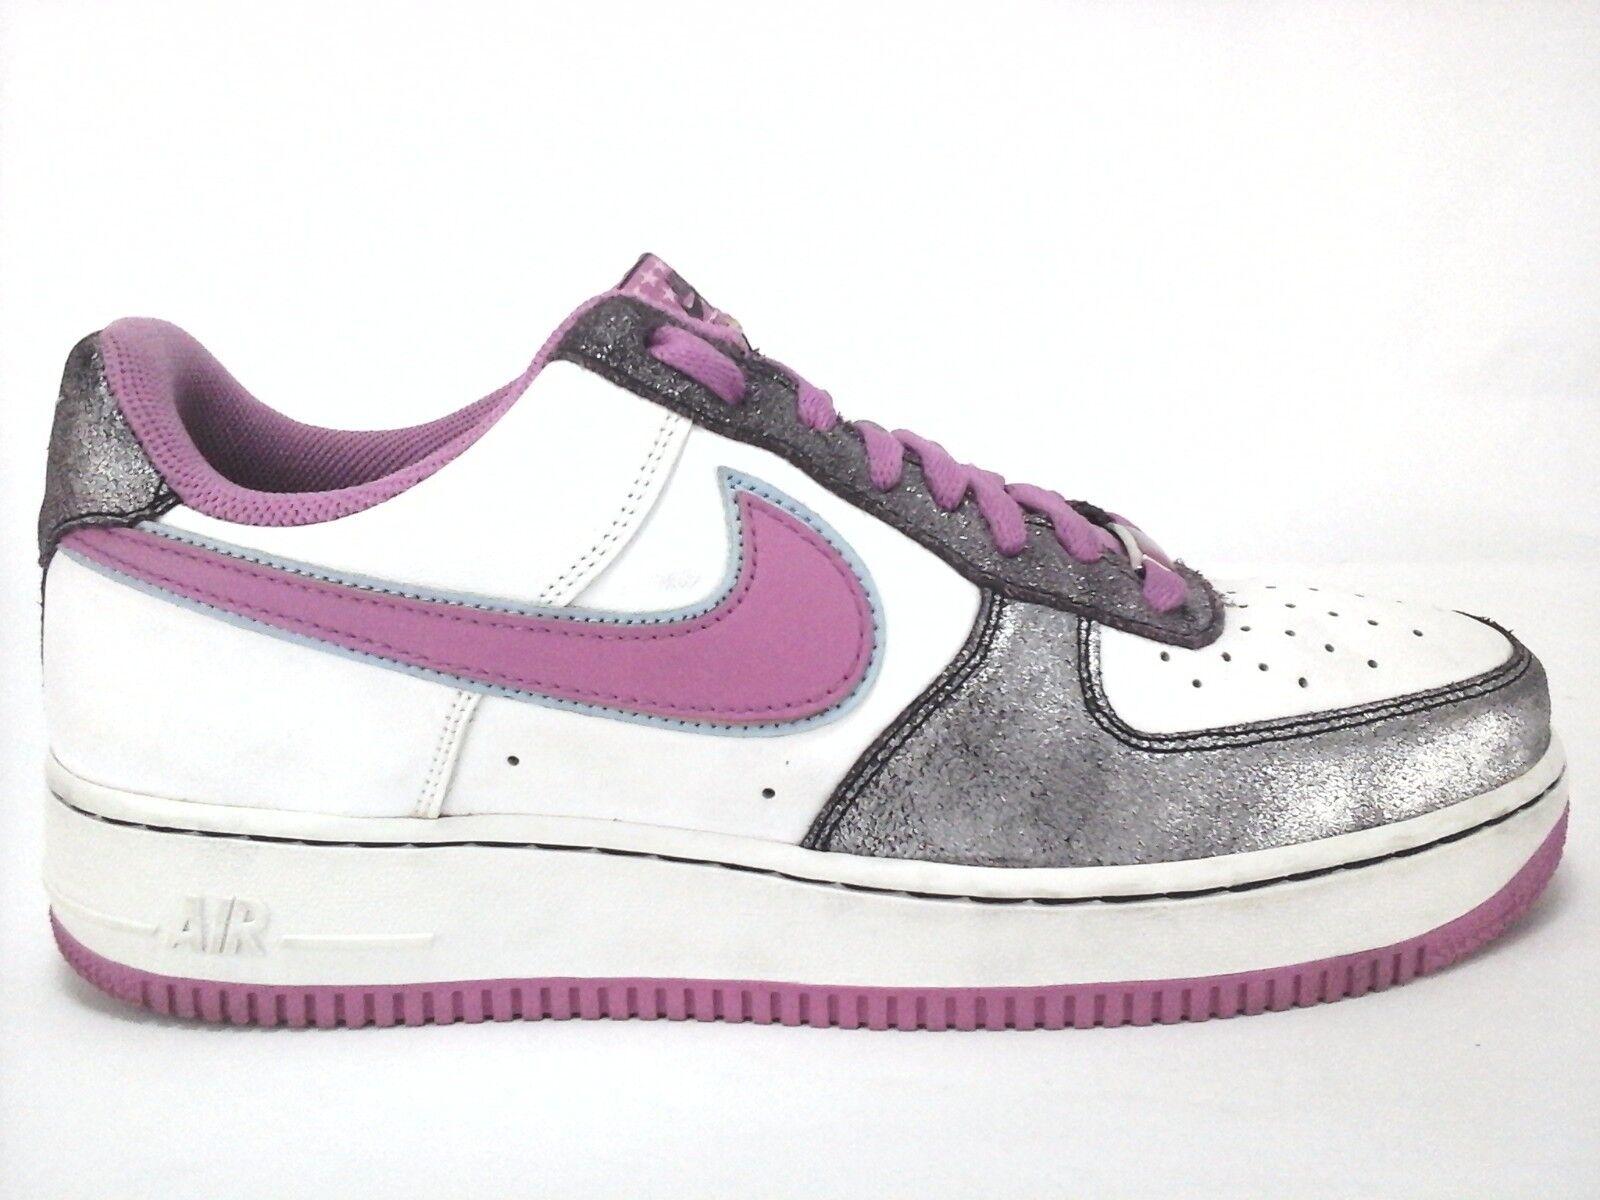 Nike air force donne scarpe 11 rosa sneaker edizione